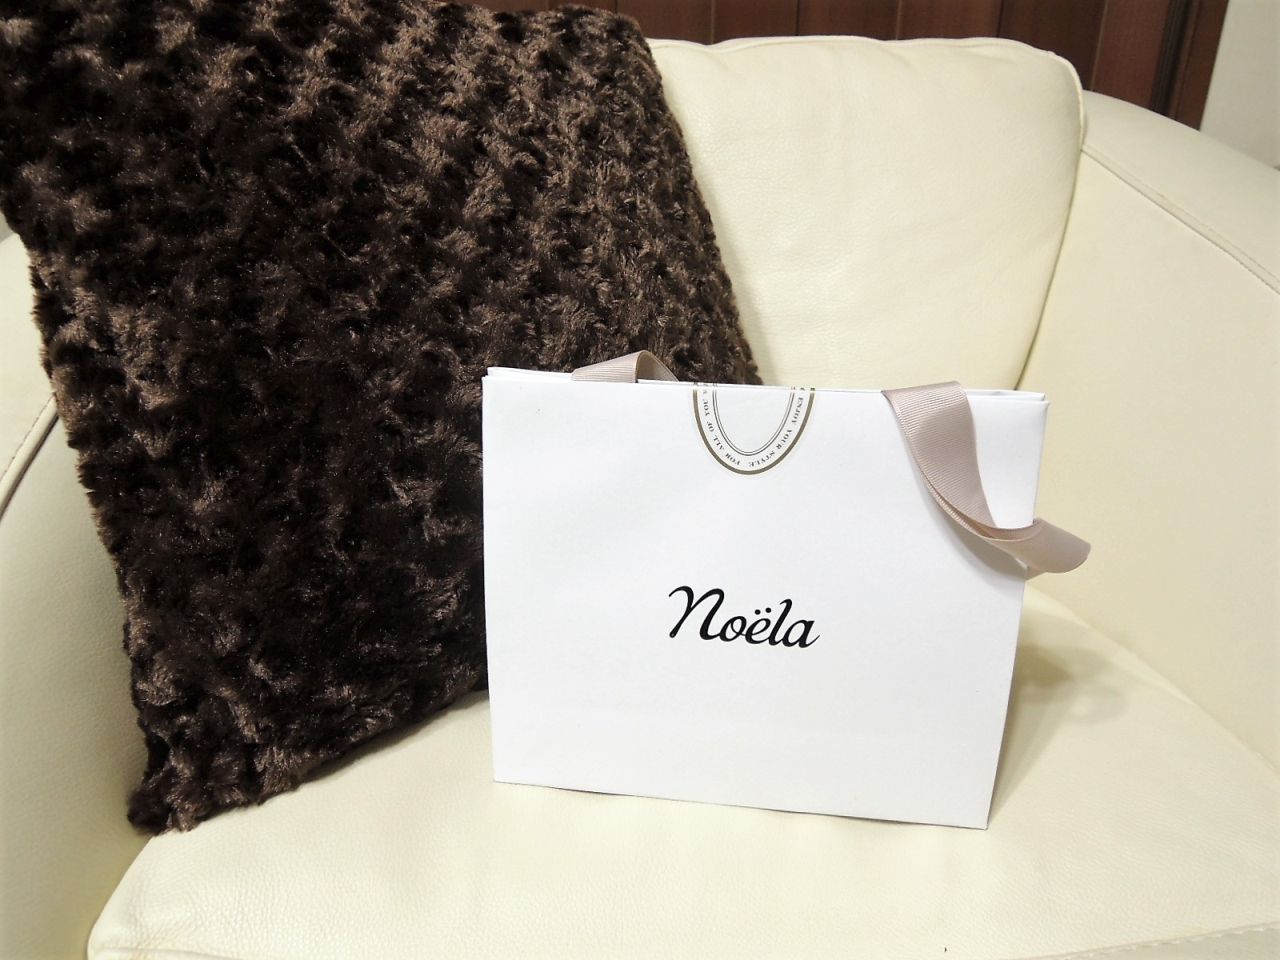 ノエラのショッピングバッグ